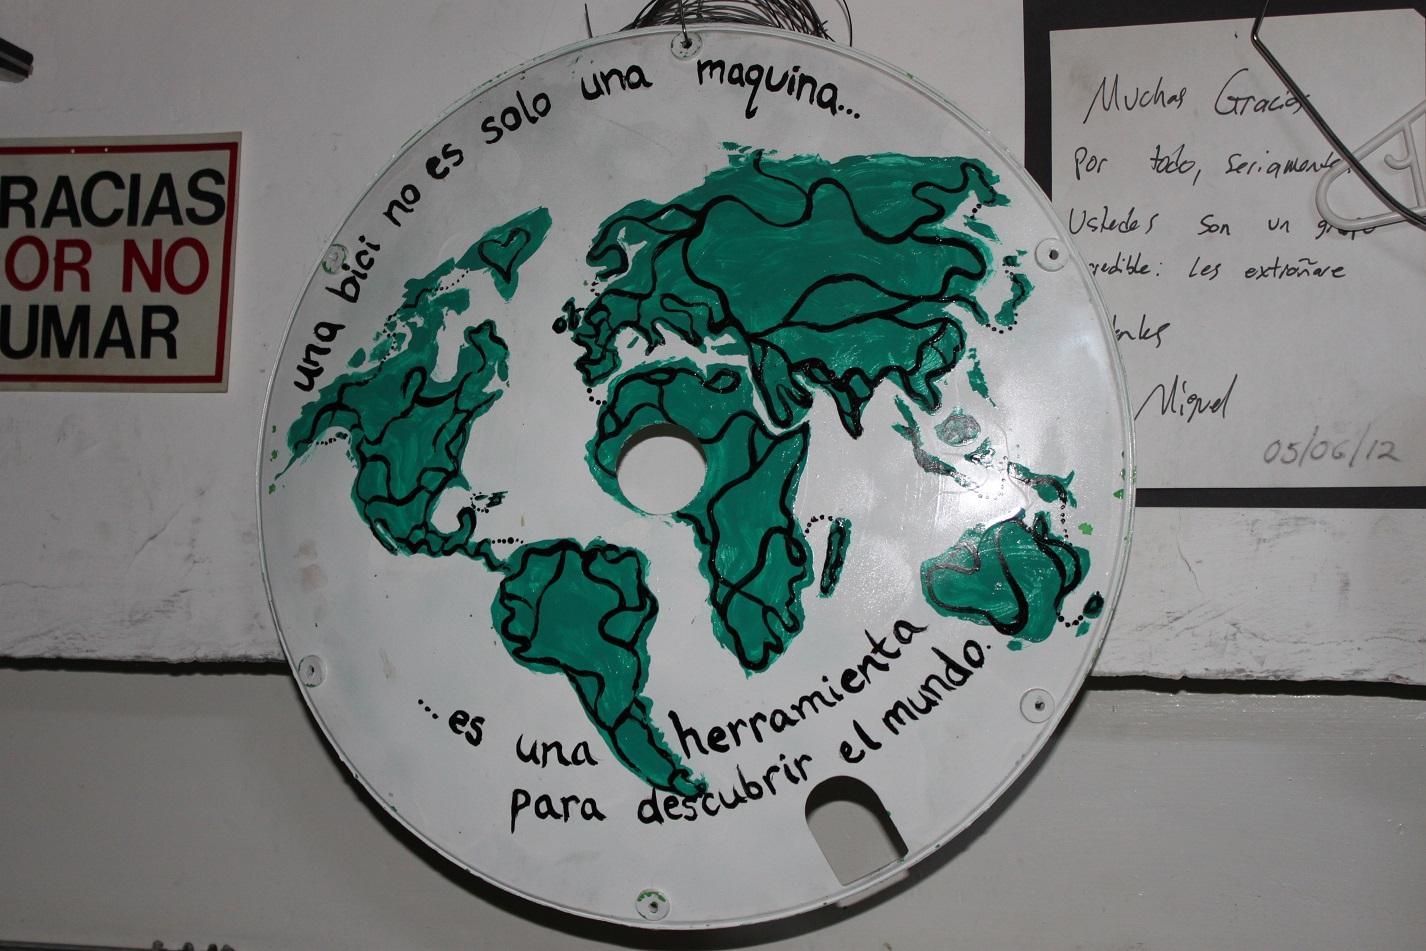 descubrir el mundo